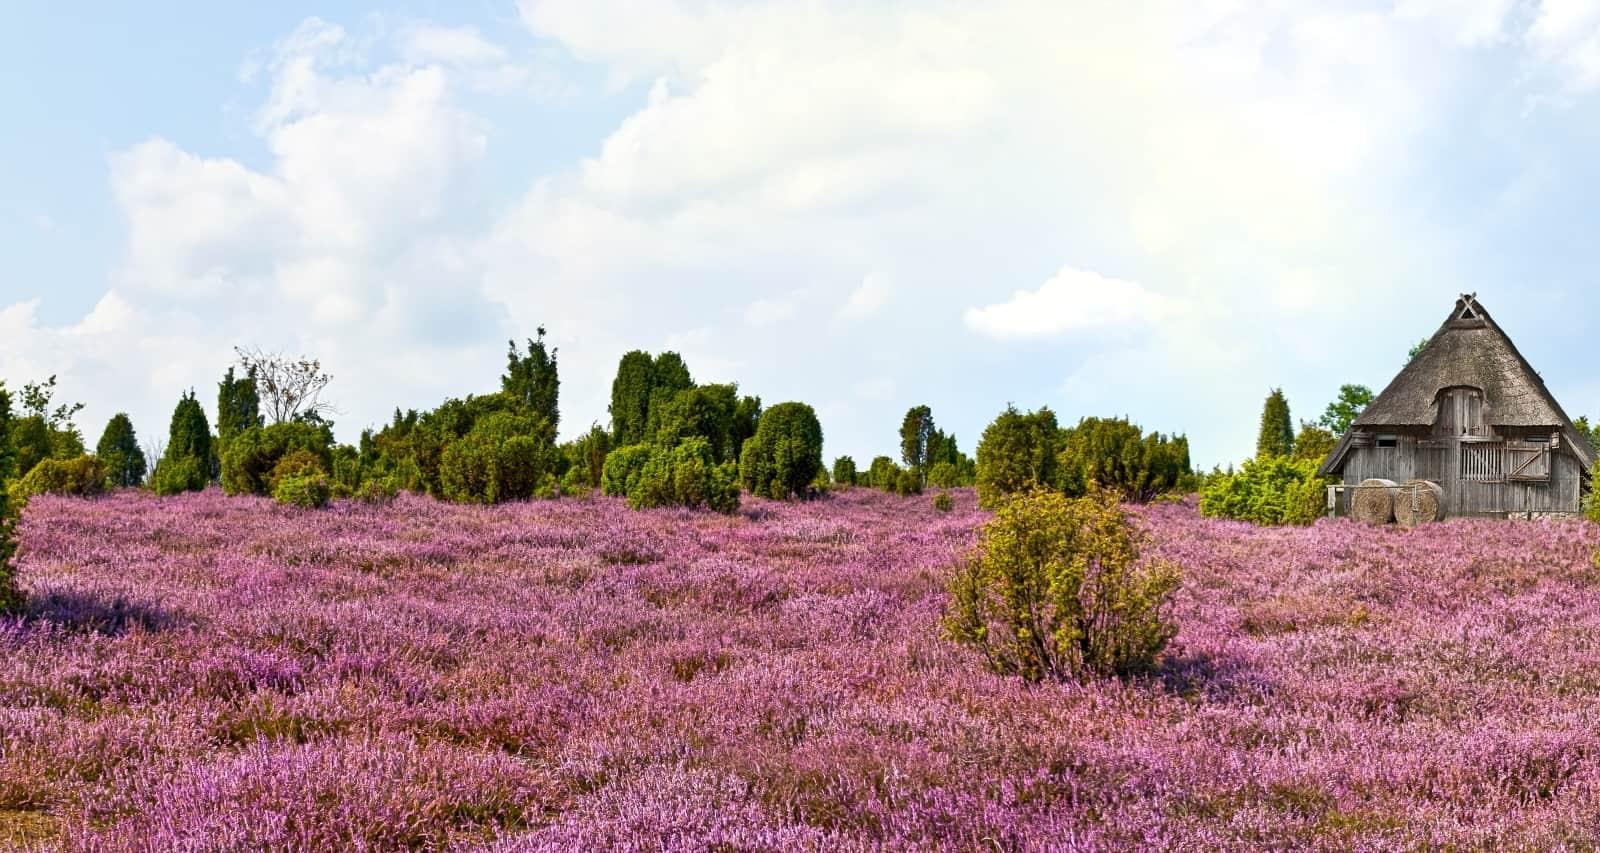 Blühende Heidelandschaft mit Schafstall